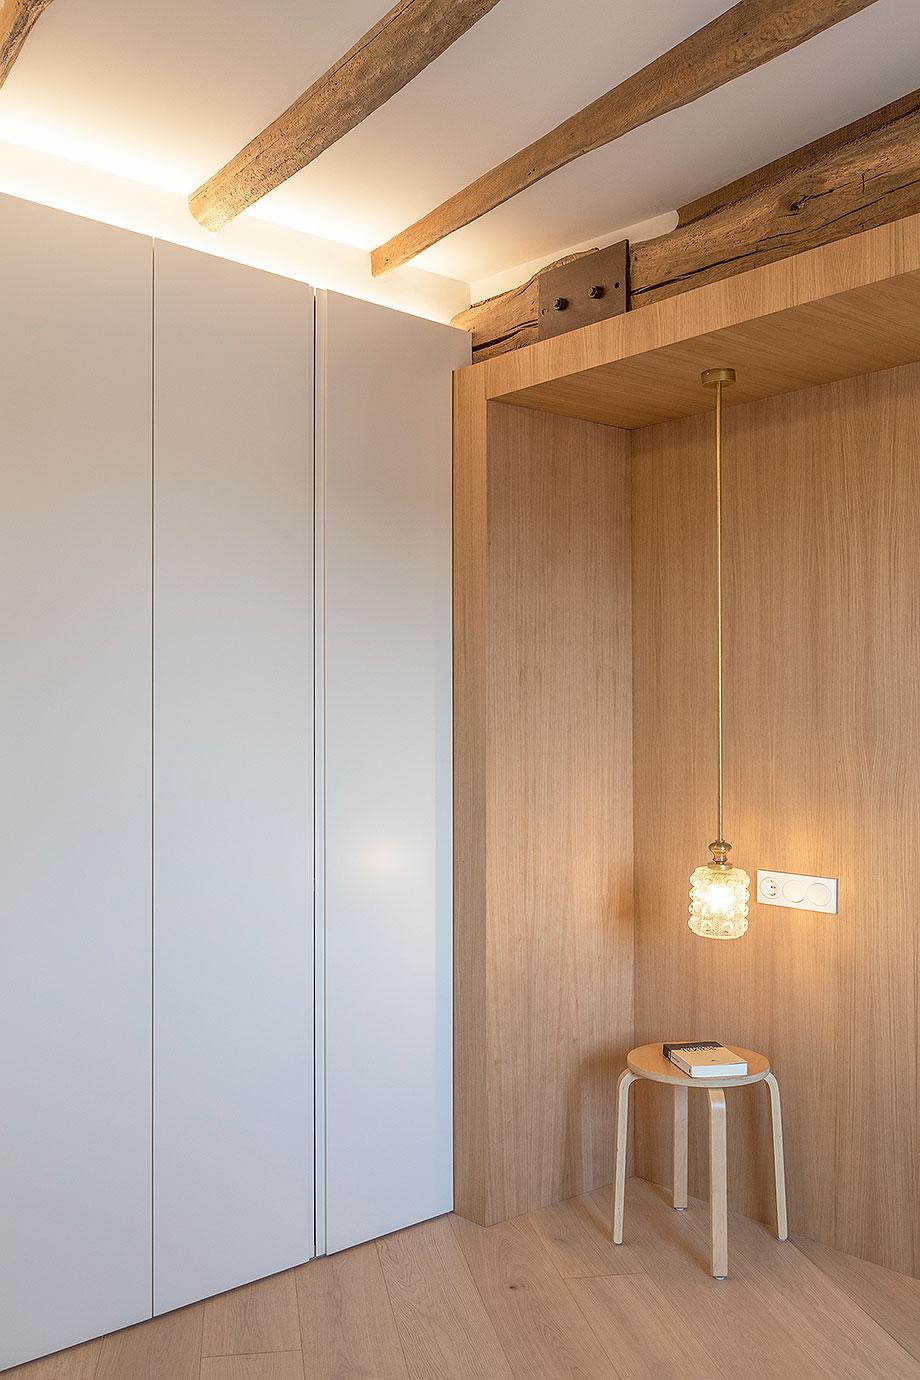 casa kaia de amaia arana arkitektura (14) - foto iñaki guridi de mitiko estudio